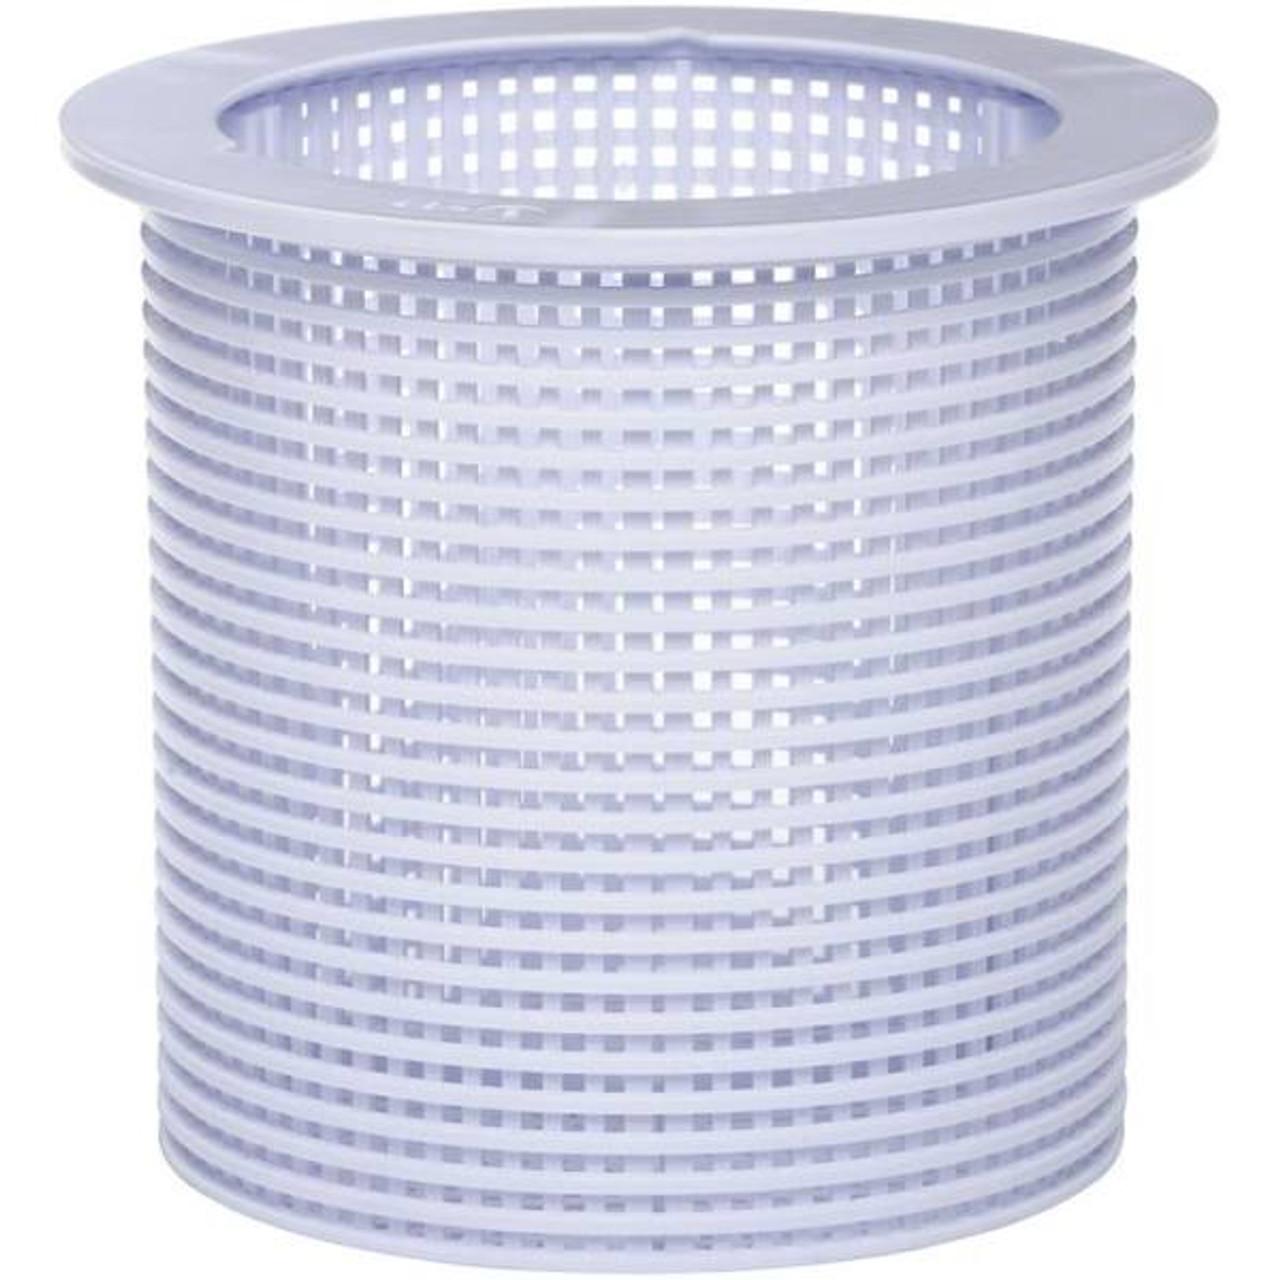 Skimmer Basket-Plastic Top